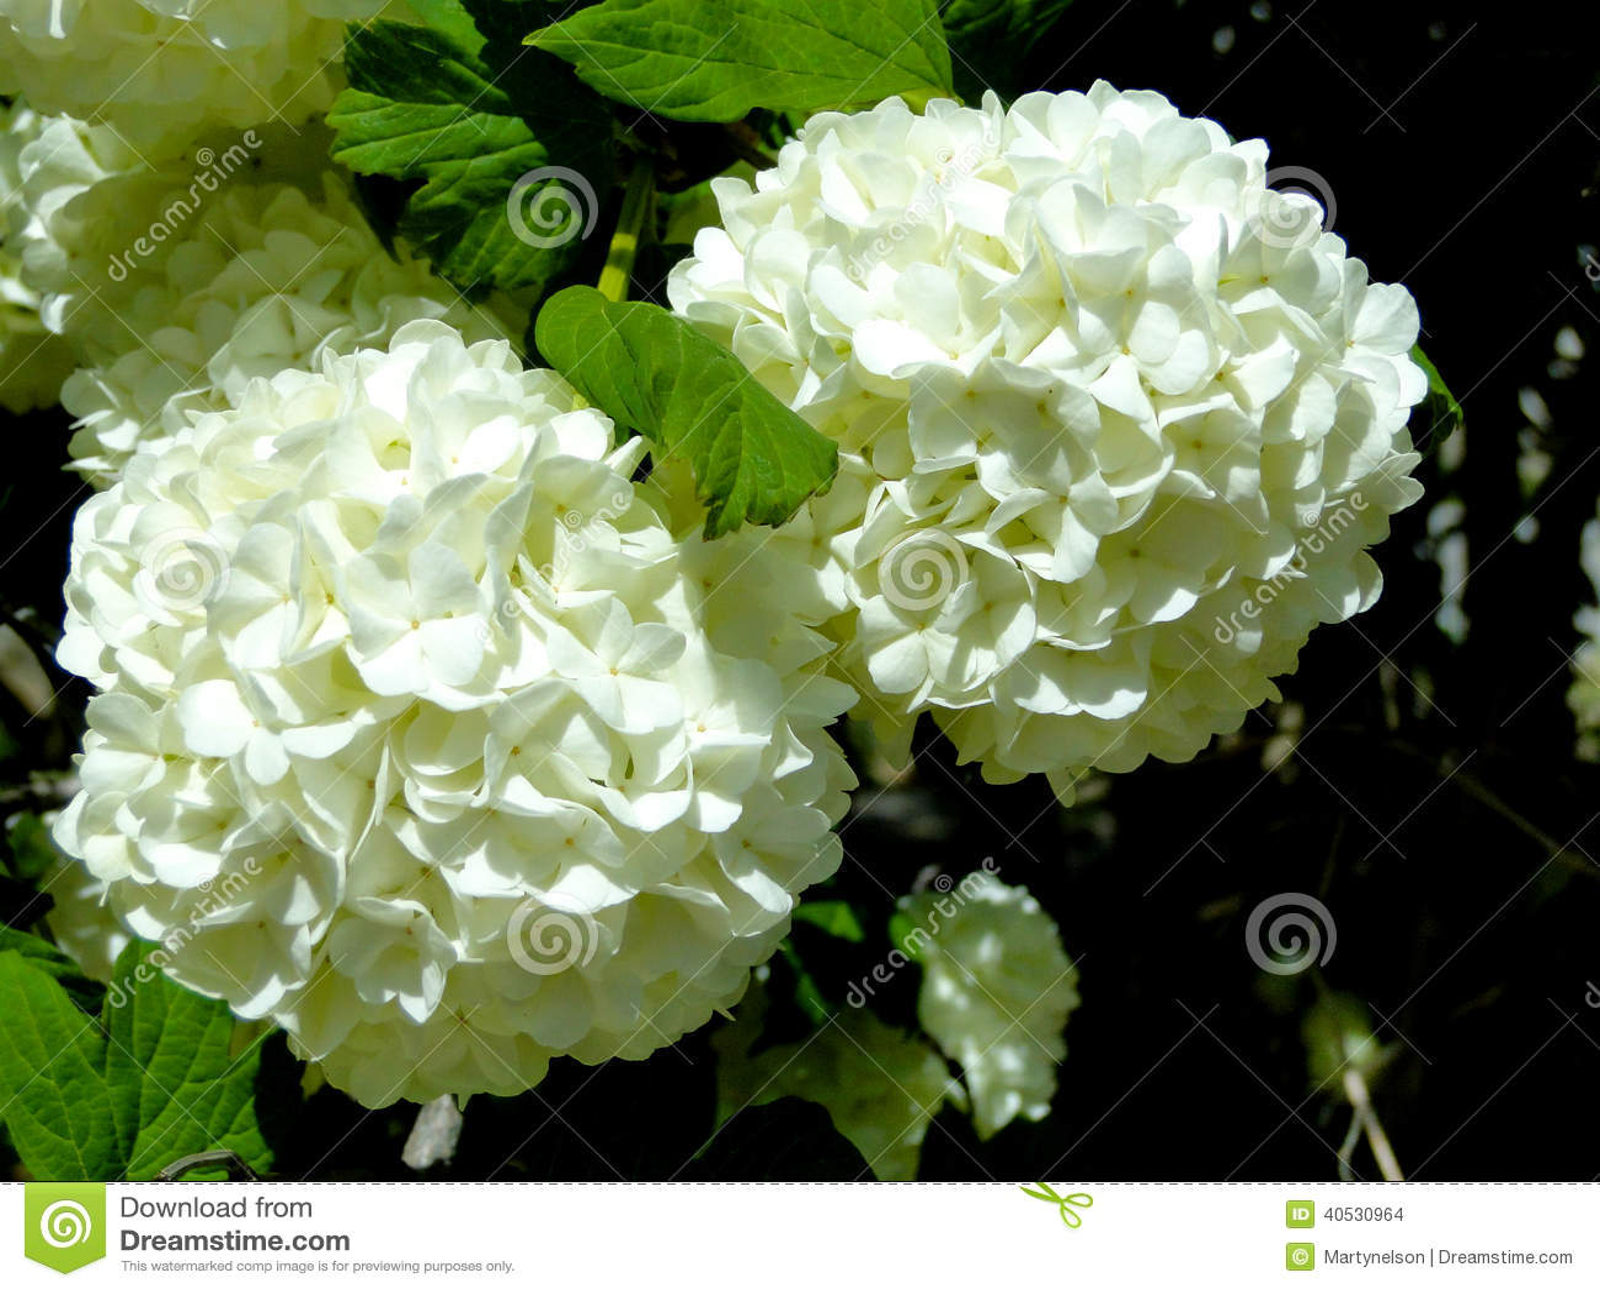 Fiori A Palla.Fiori Della Palla Di Neve Fotografia Stock Immagine Di Springtime